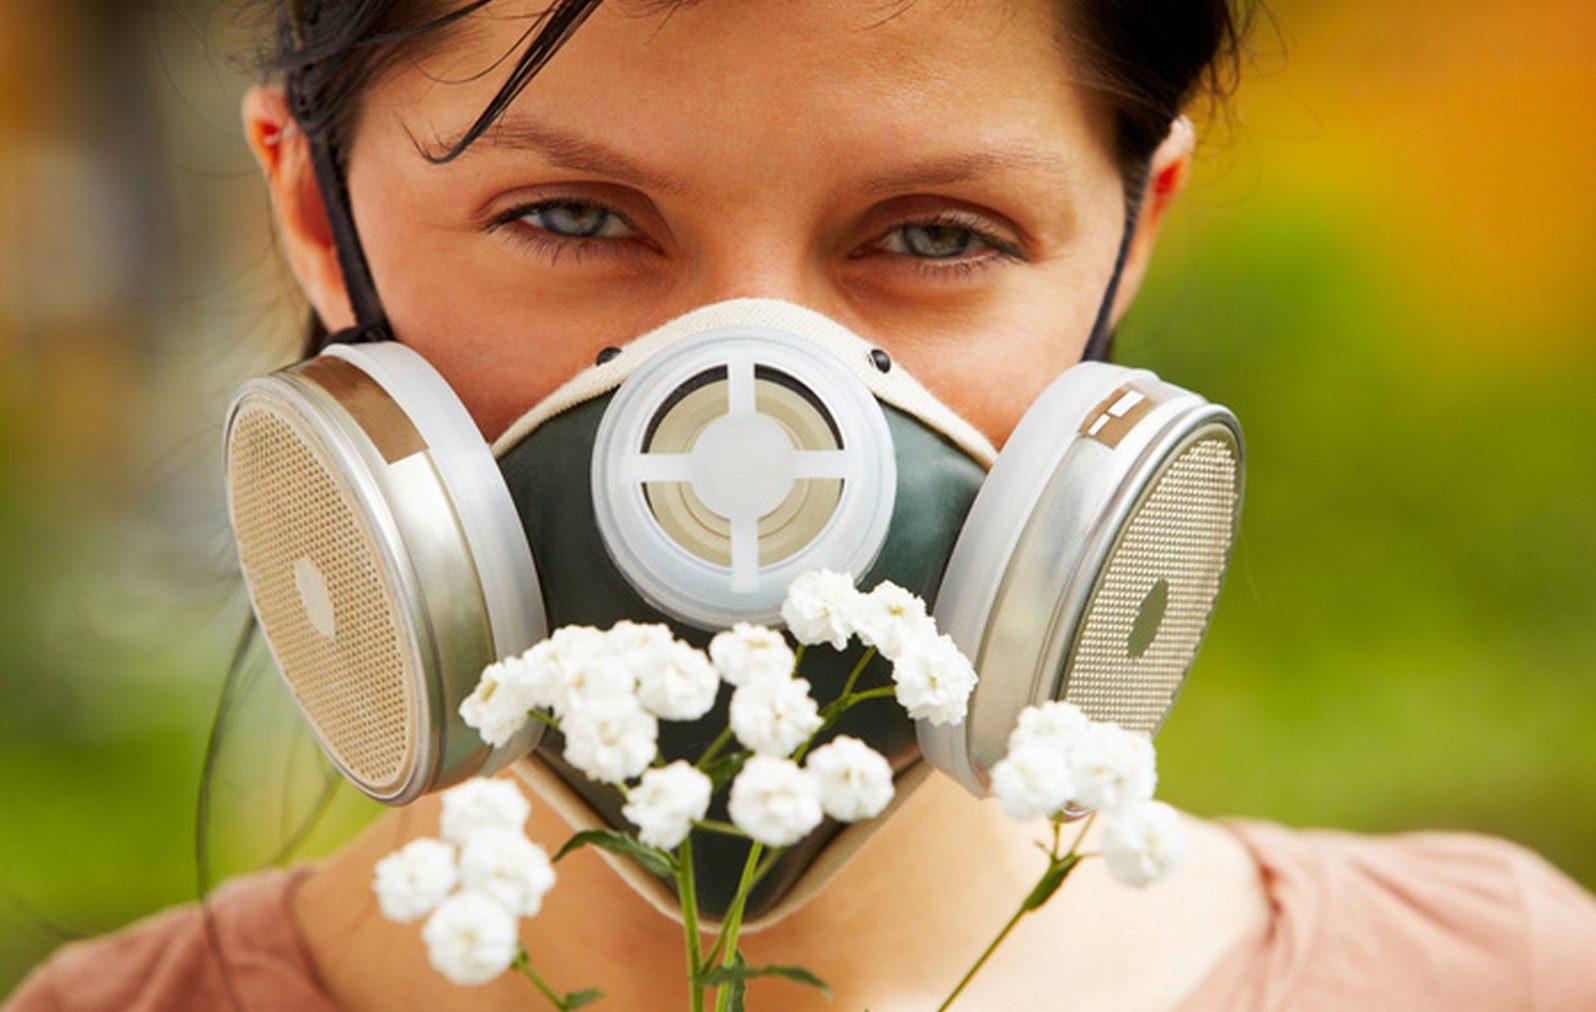 Эффективность и безопасность Супрастина при аллергии у кормящей мамы